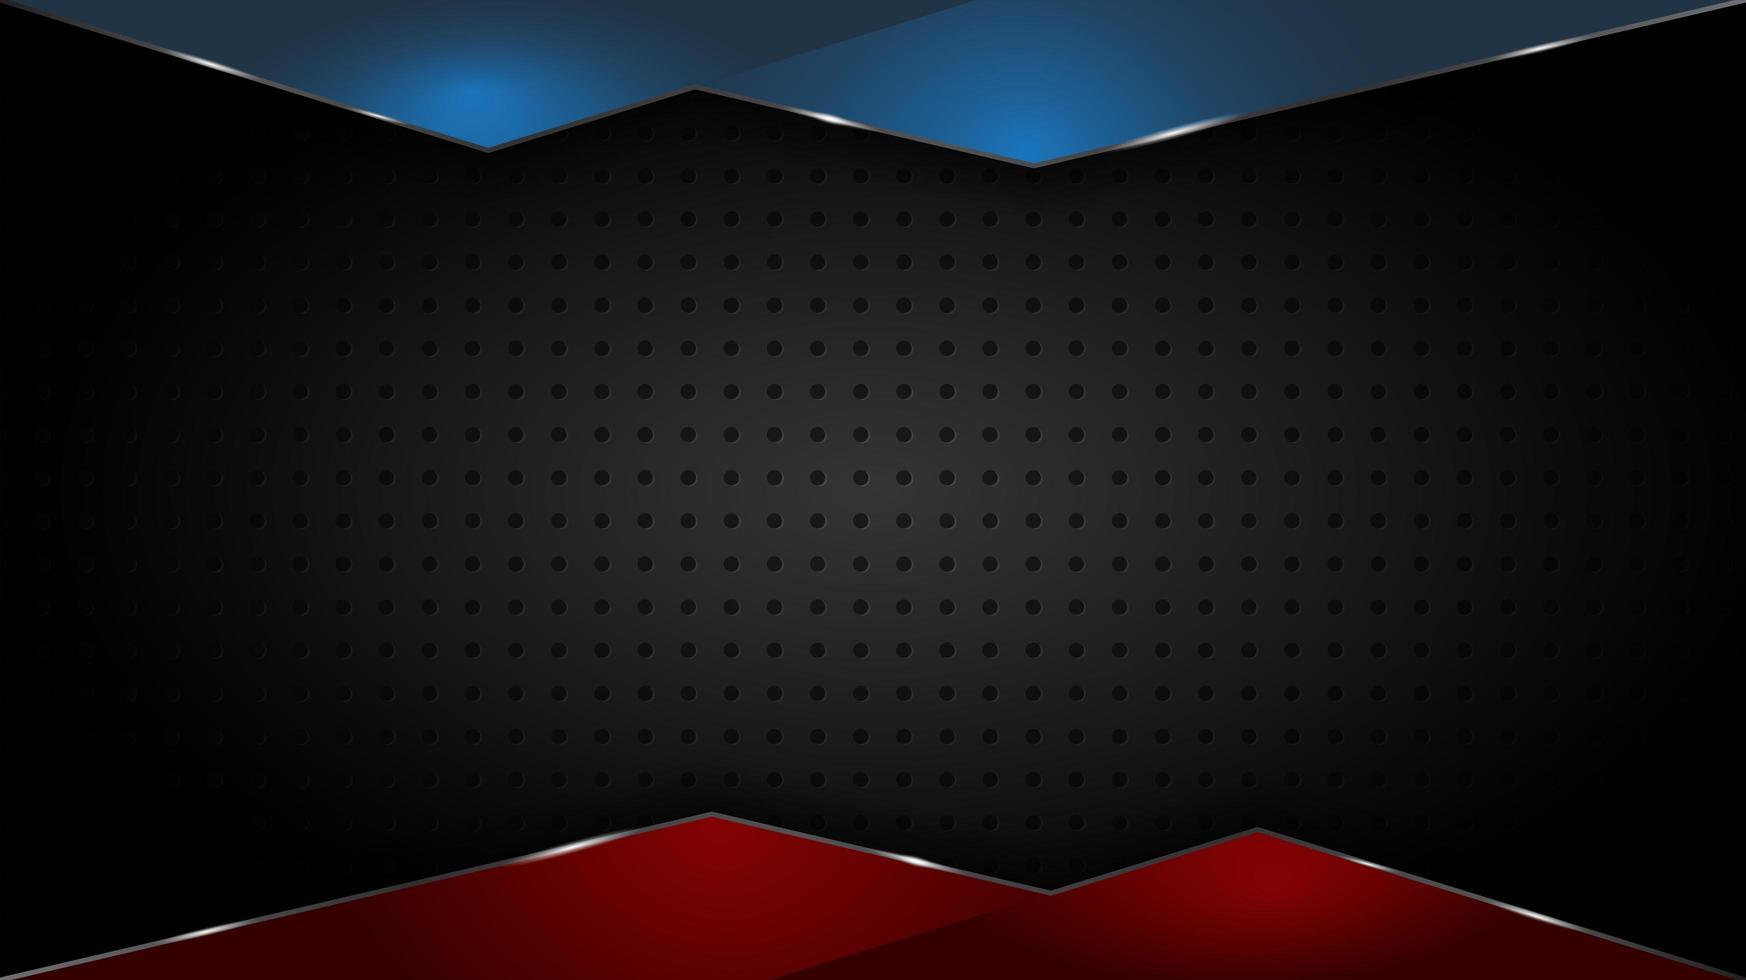 bordi triangolari lucidi sovrapposti su texture griglia nera vettore